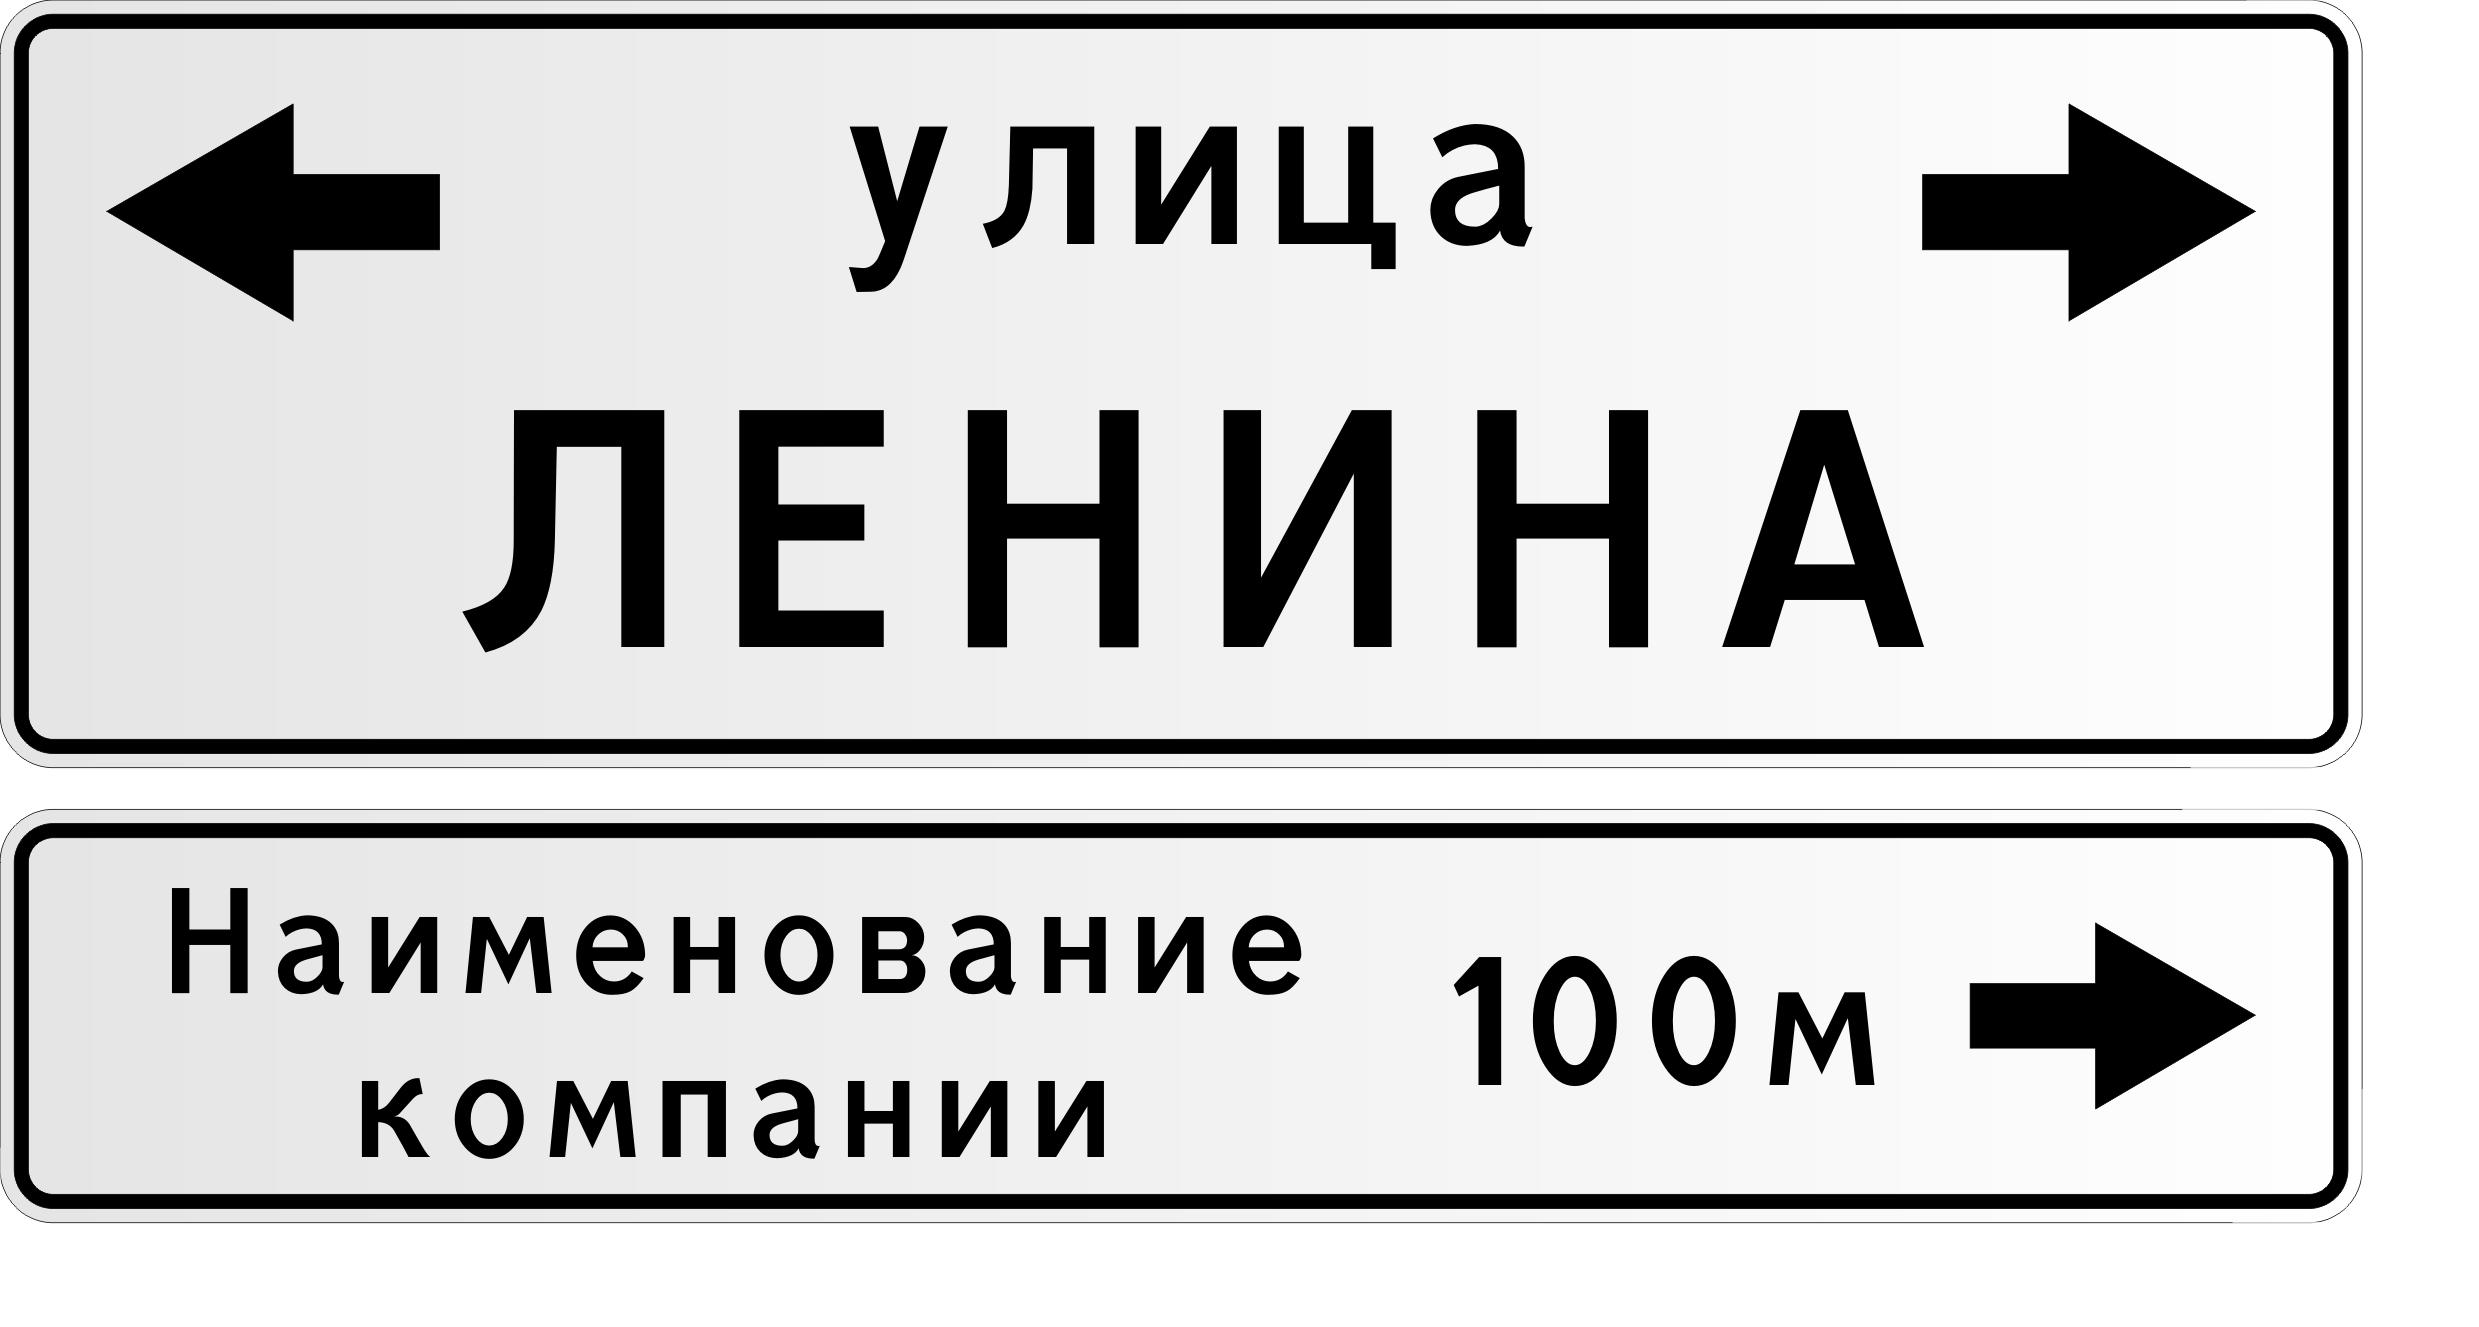 Дорожный указатель в городе